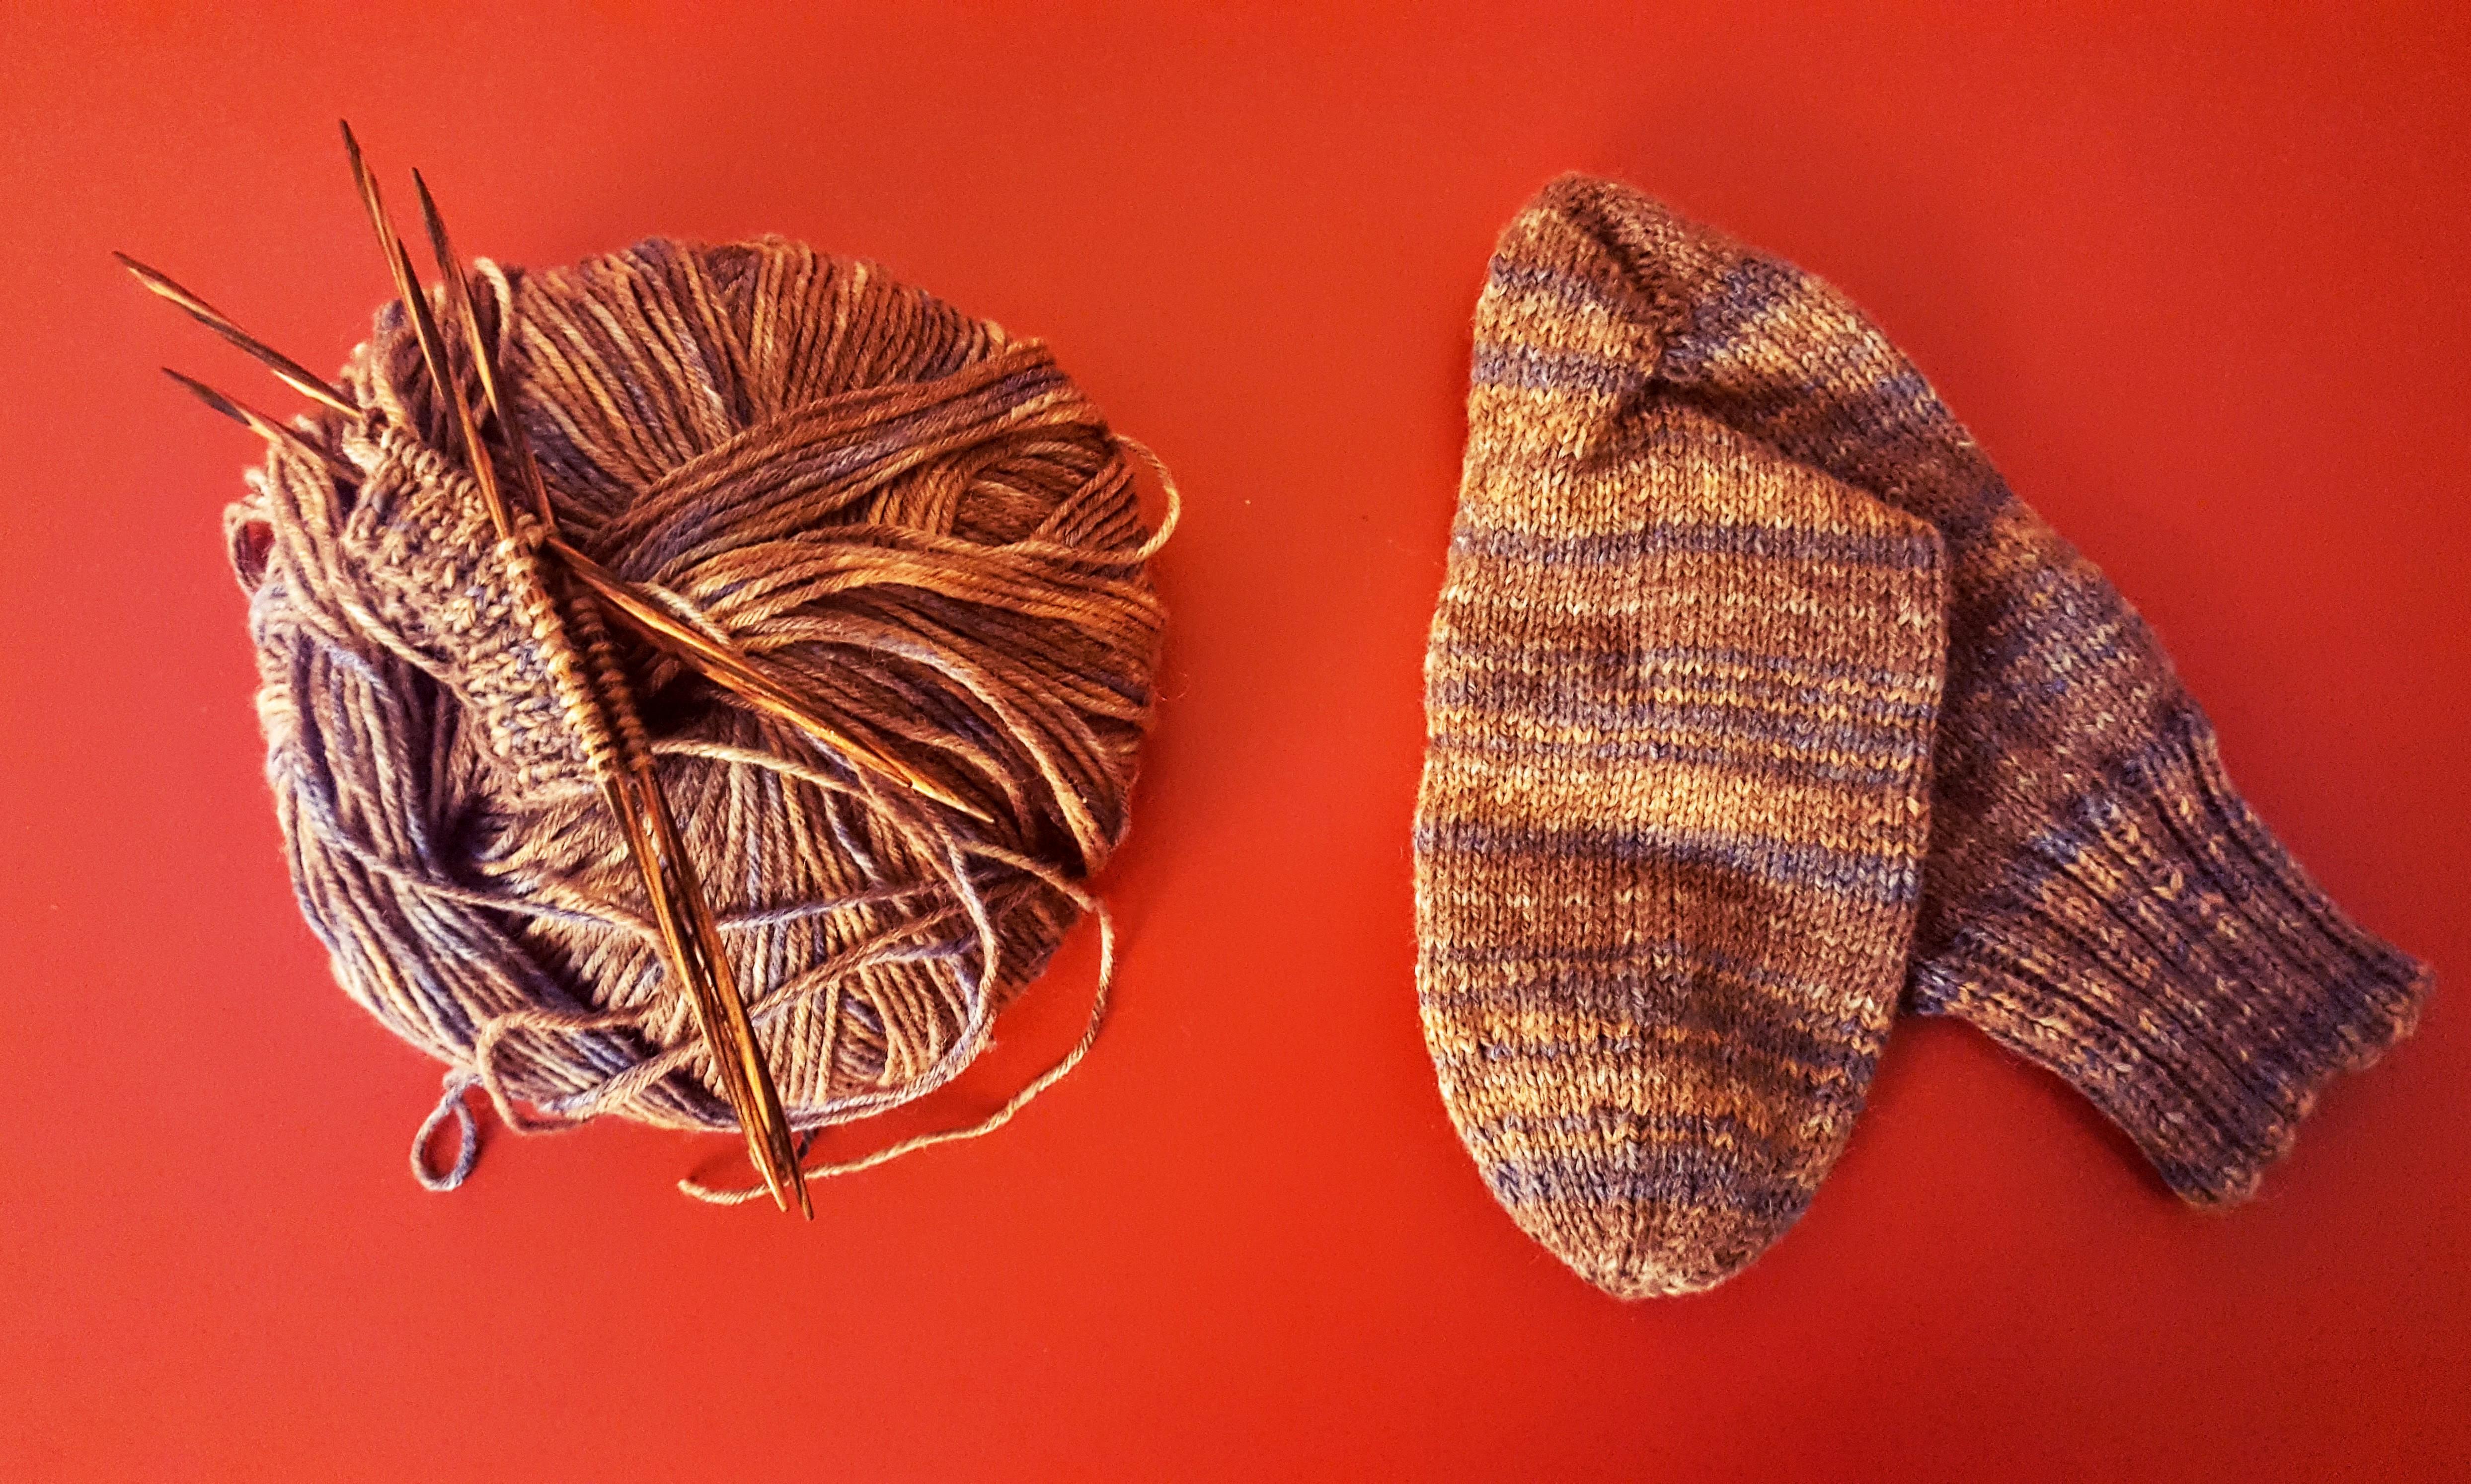 Ein Knäul Austermann Wolle liegt links von einem fertig gestrickten Socken